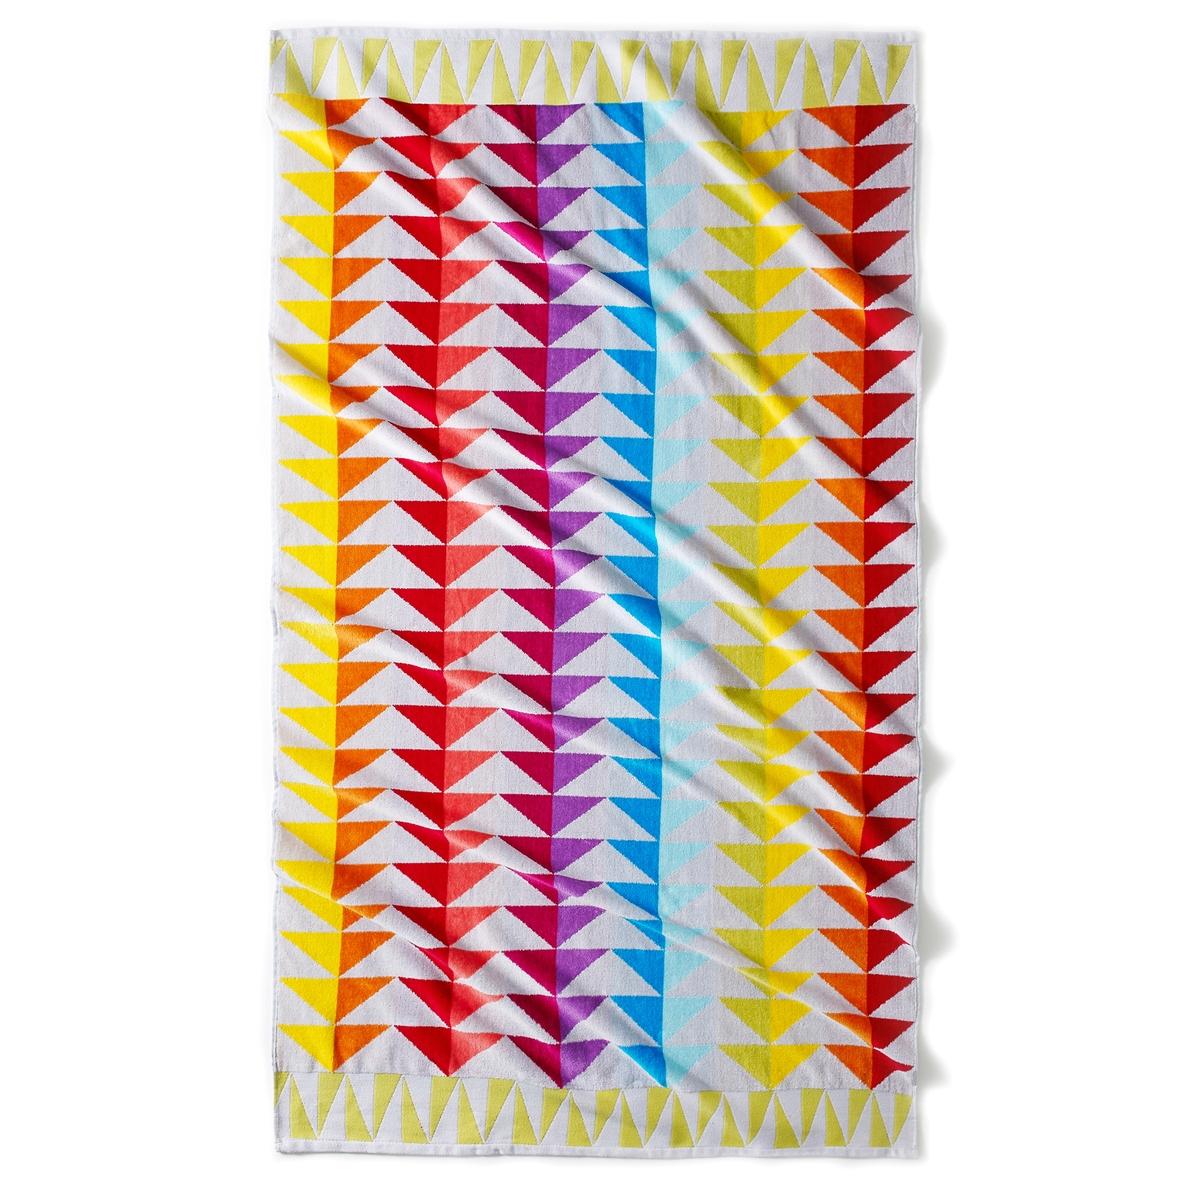 Полотенце пляжное Block, 420 г/м?Характеристики пляжного полотенца Block, 420 г/м? :Жаккардовый махровый материал высокого качества, 100% хлопка : 1 сторона из велюра, 1 сторона из махровой ткани.Мягкое и прочное полотенце, невероятная стойкость цвета.100 хлопка 420 г/м?.Машинная стирка при 40°.Размер пляжного полотенца 420 г/м? :100 x 180 см.<br><br>Цвет: бежевый/розовый/оранжевый